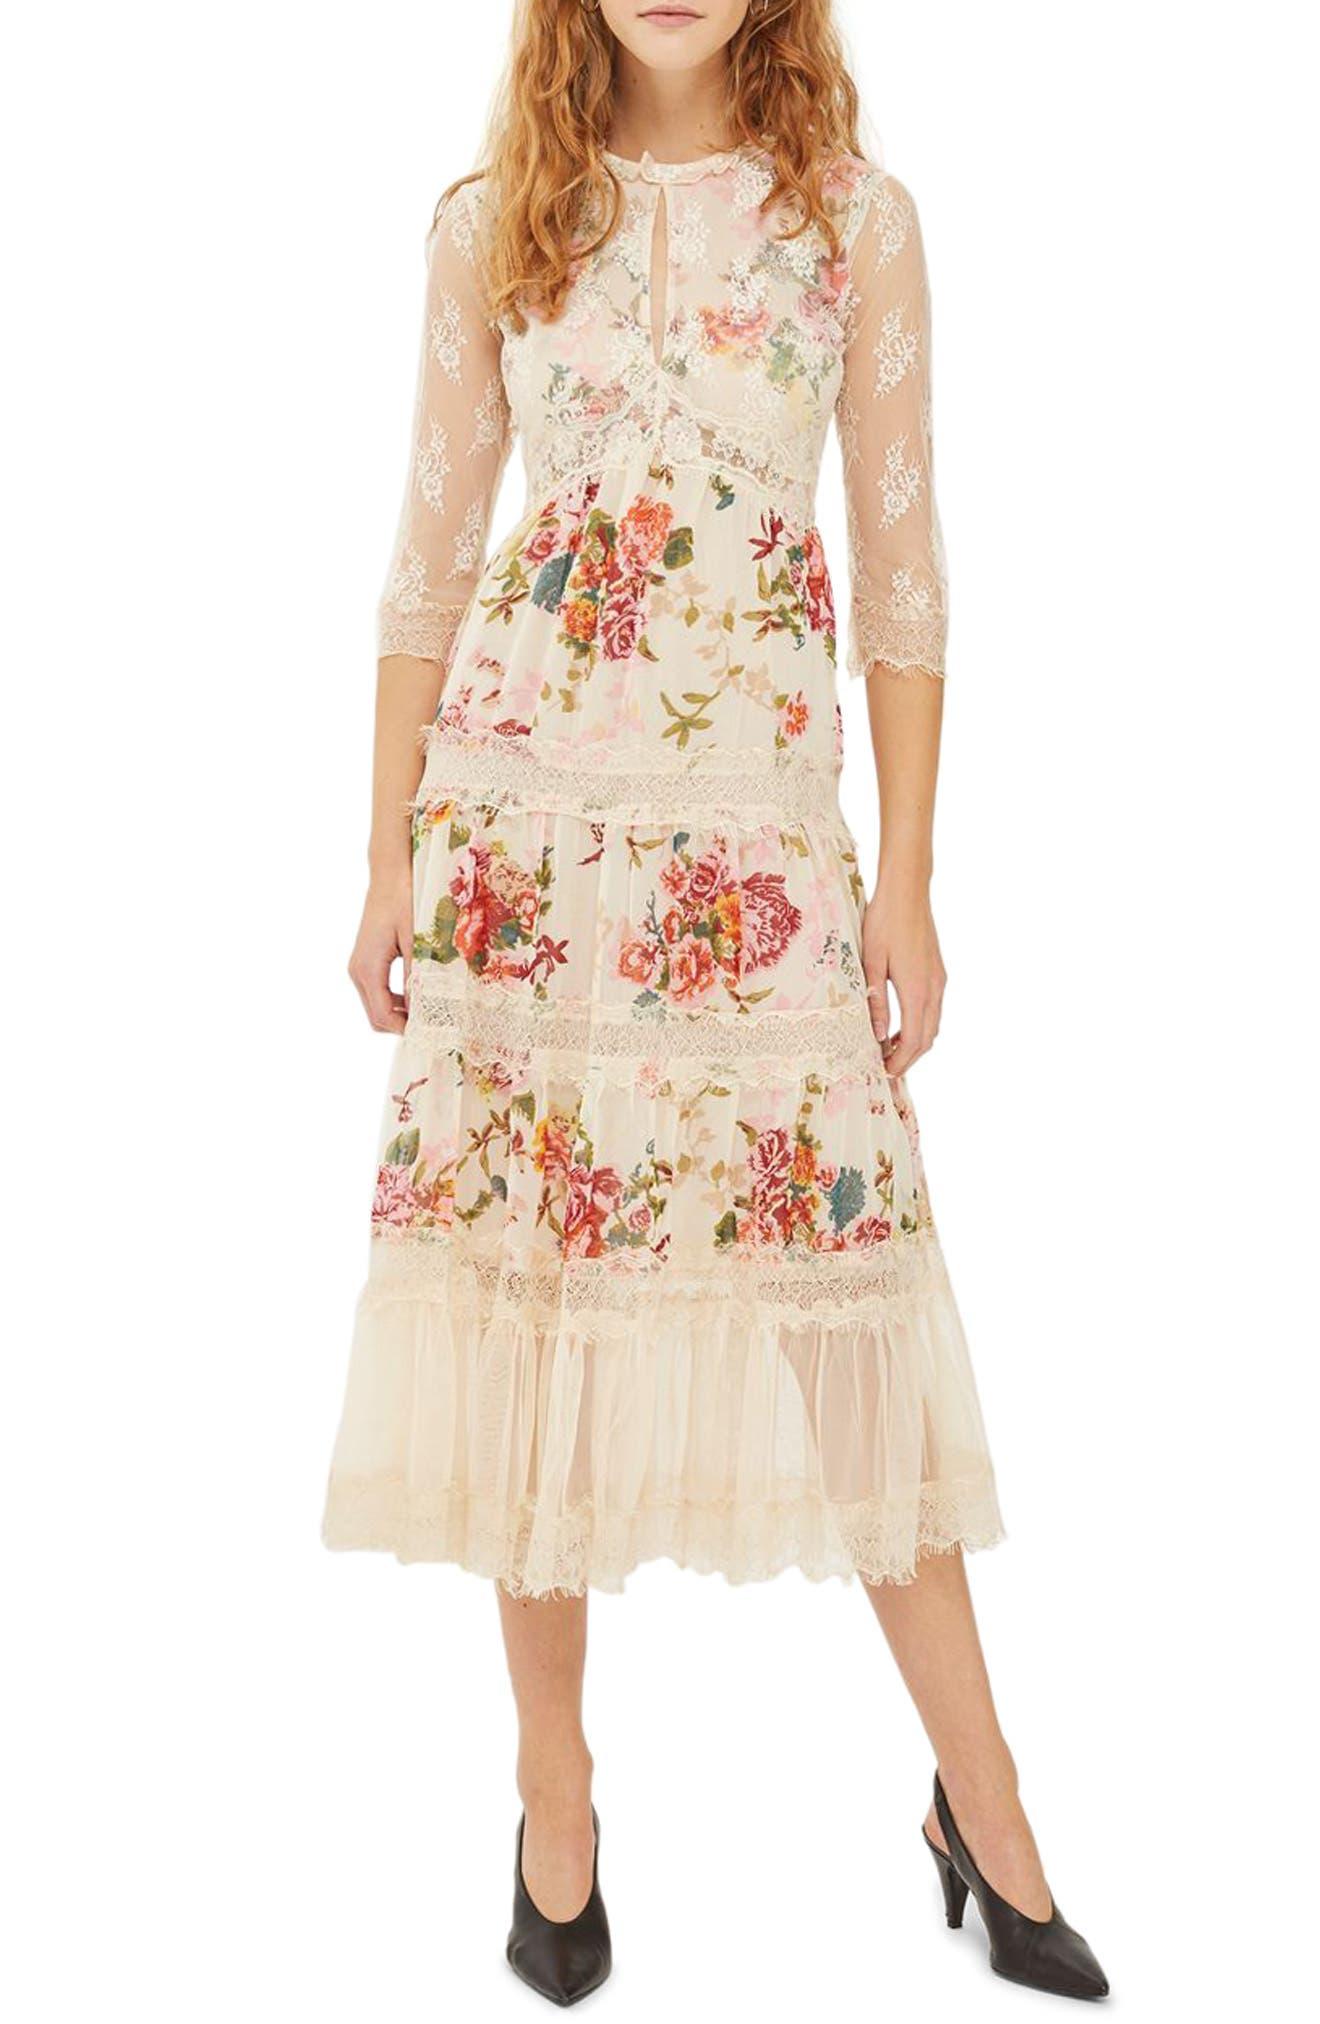 Lace Tier Floral Midi Dress,                         Main,                         color, 900